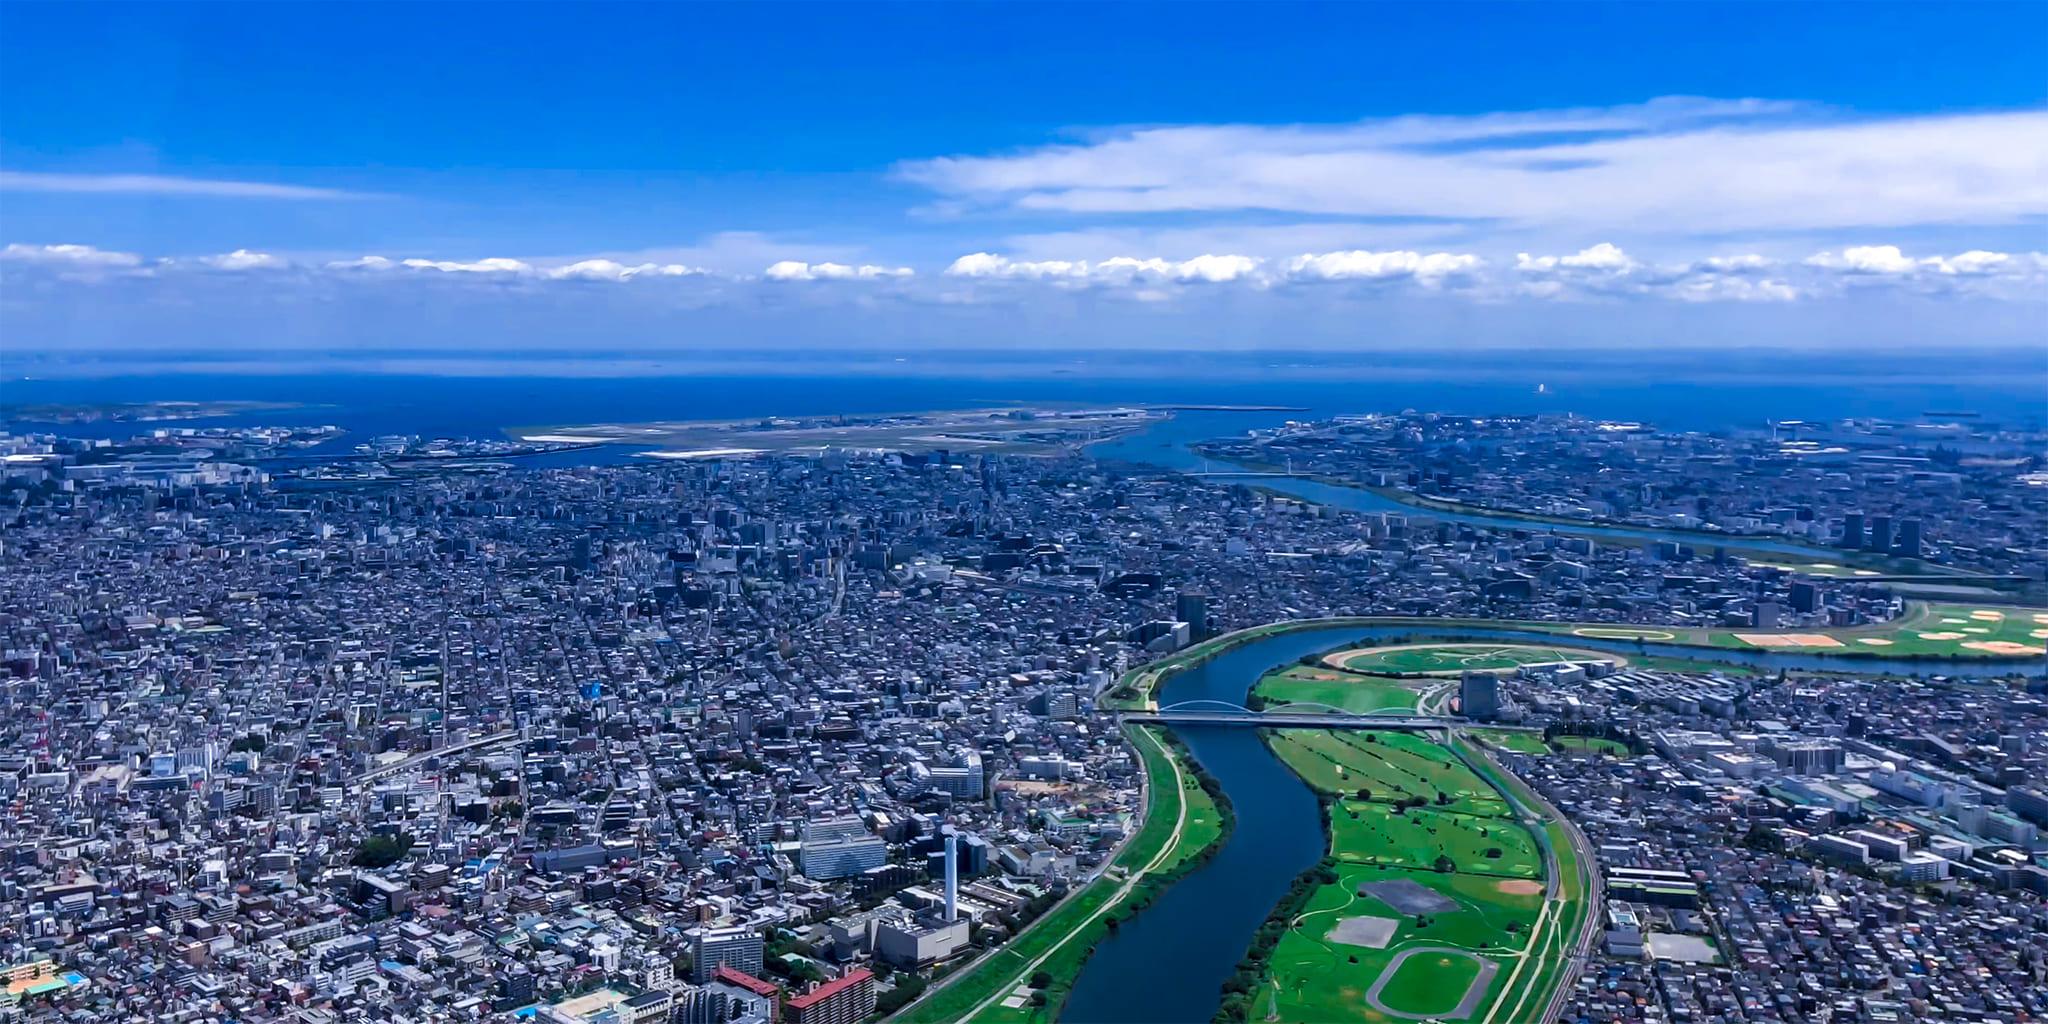 ヘリコプターで東京上空をフライトして見える多摩川